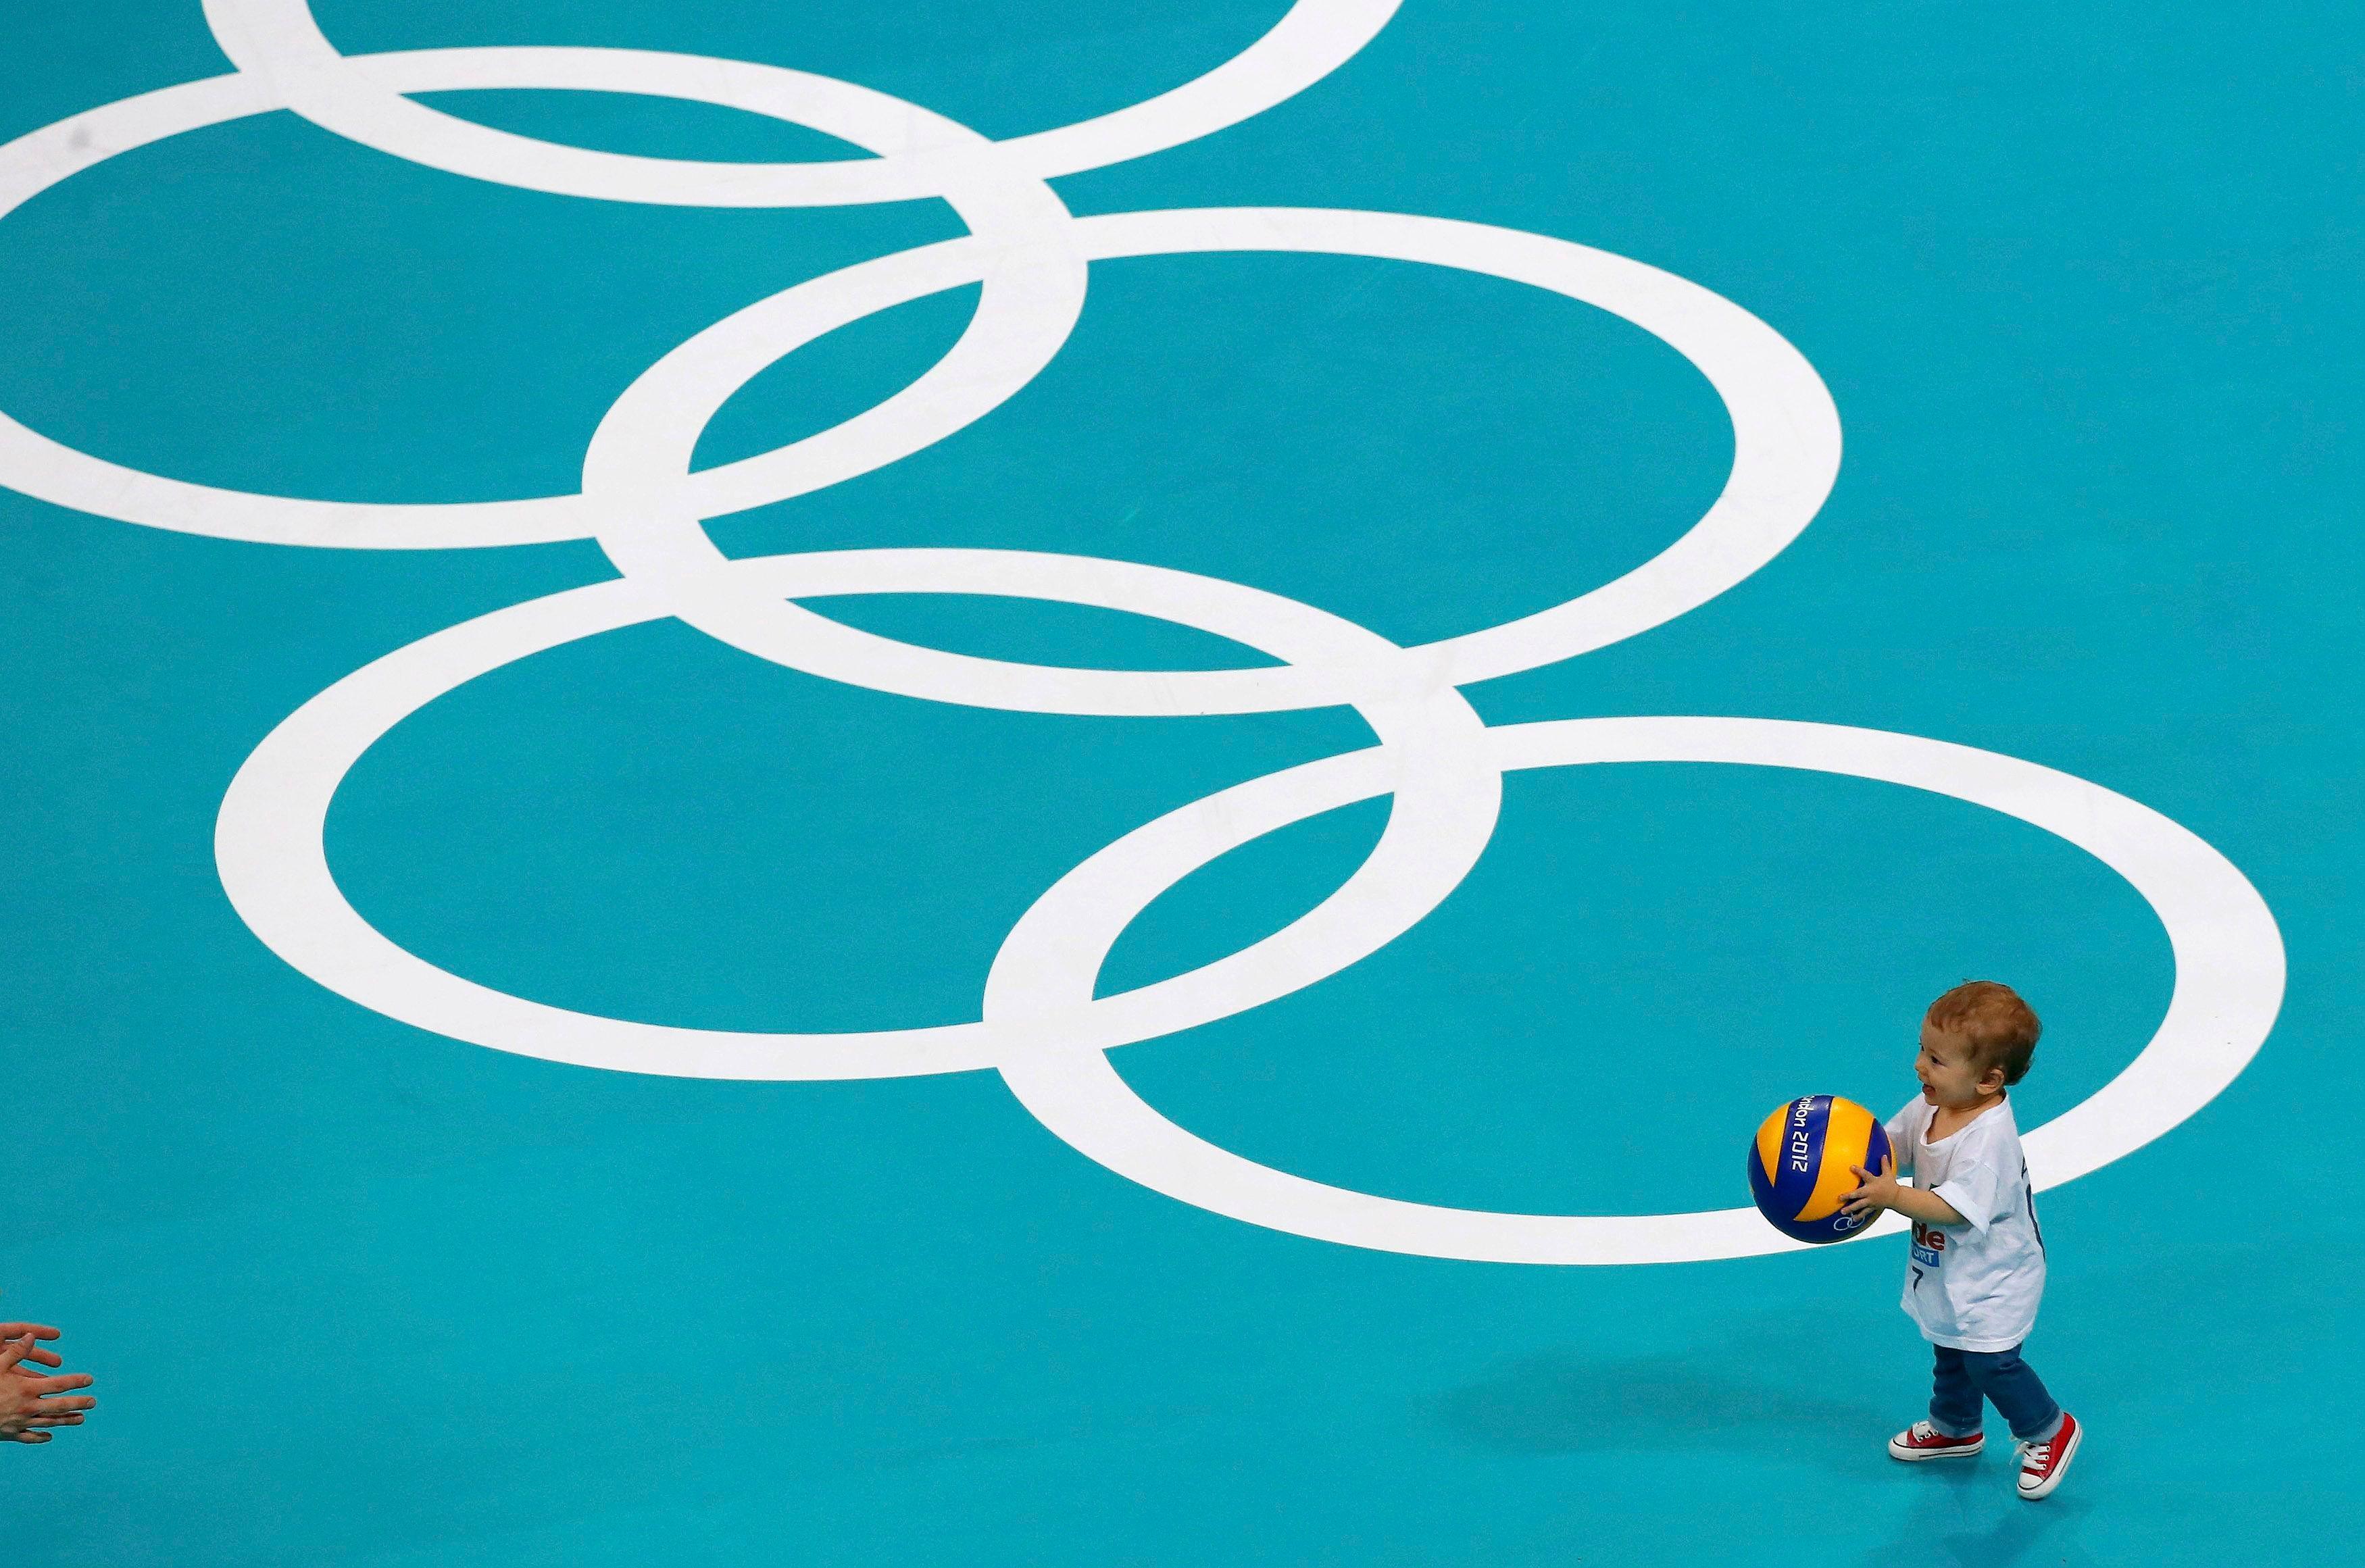 Les jeux olympiques de Sotchi ont été inaugurés le 7 février.